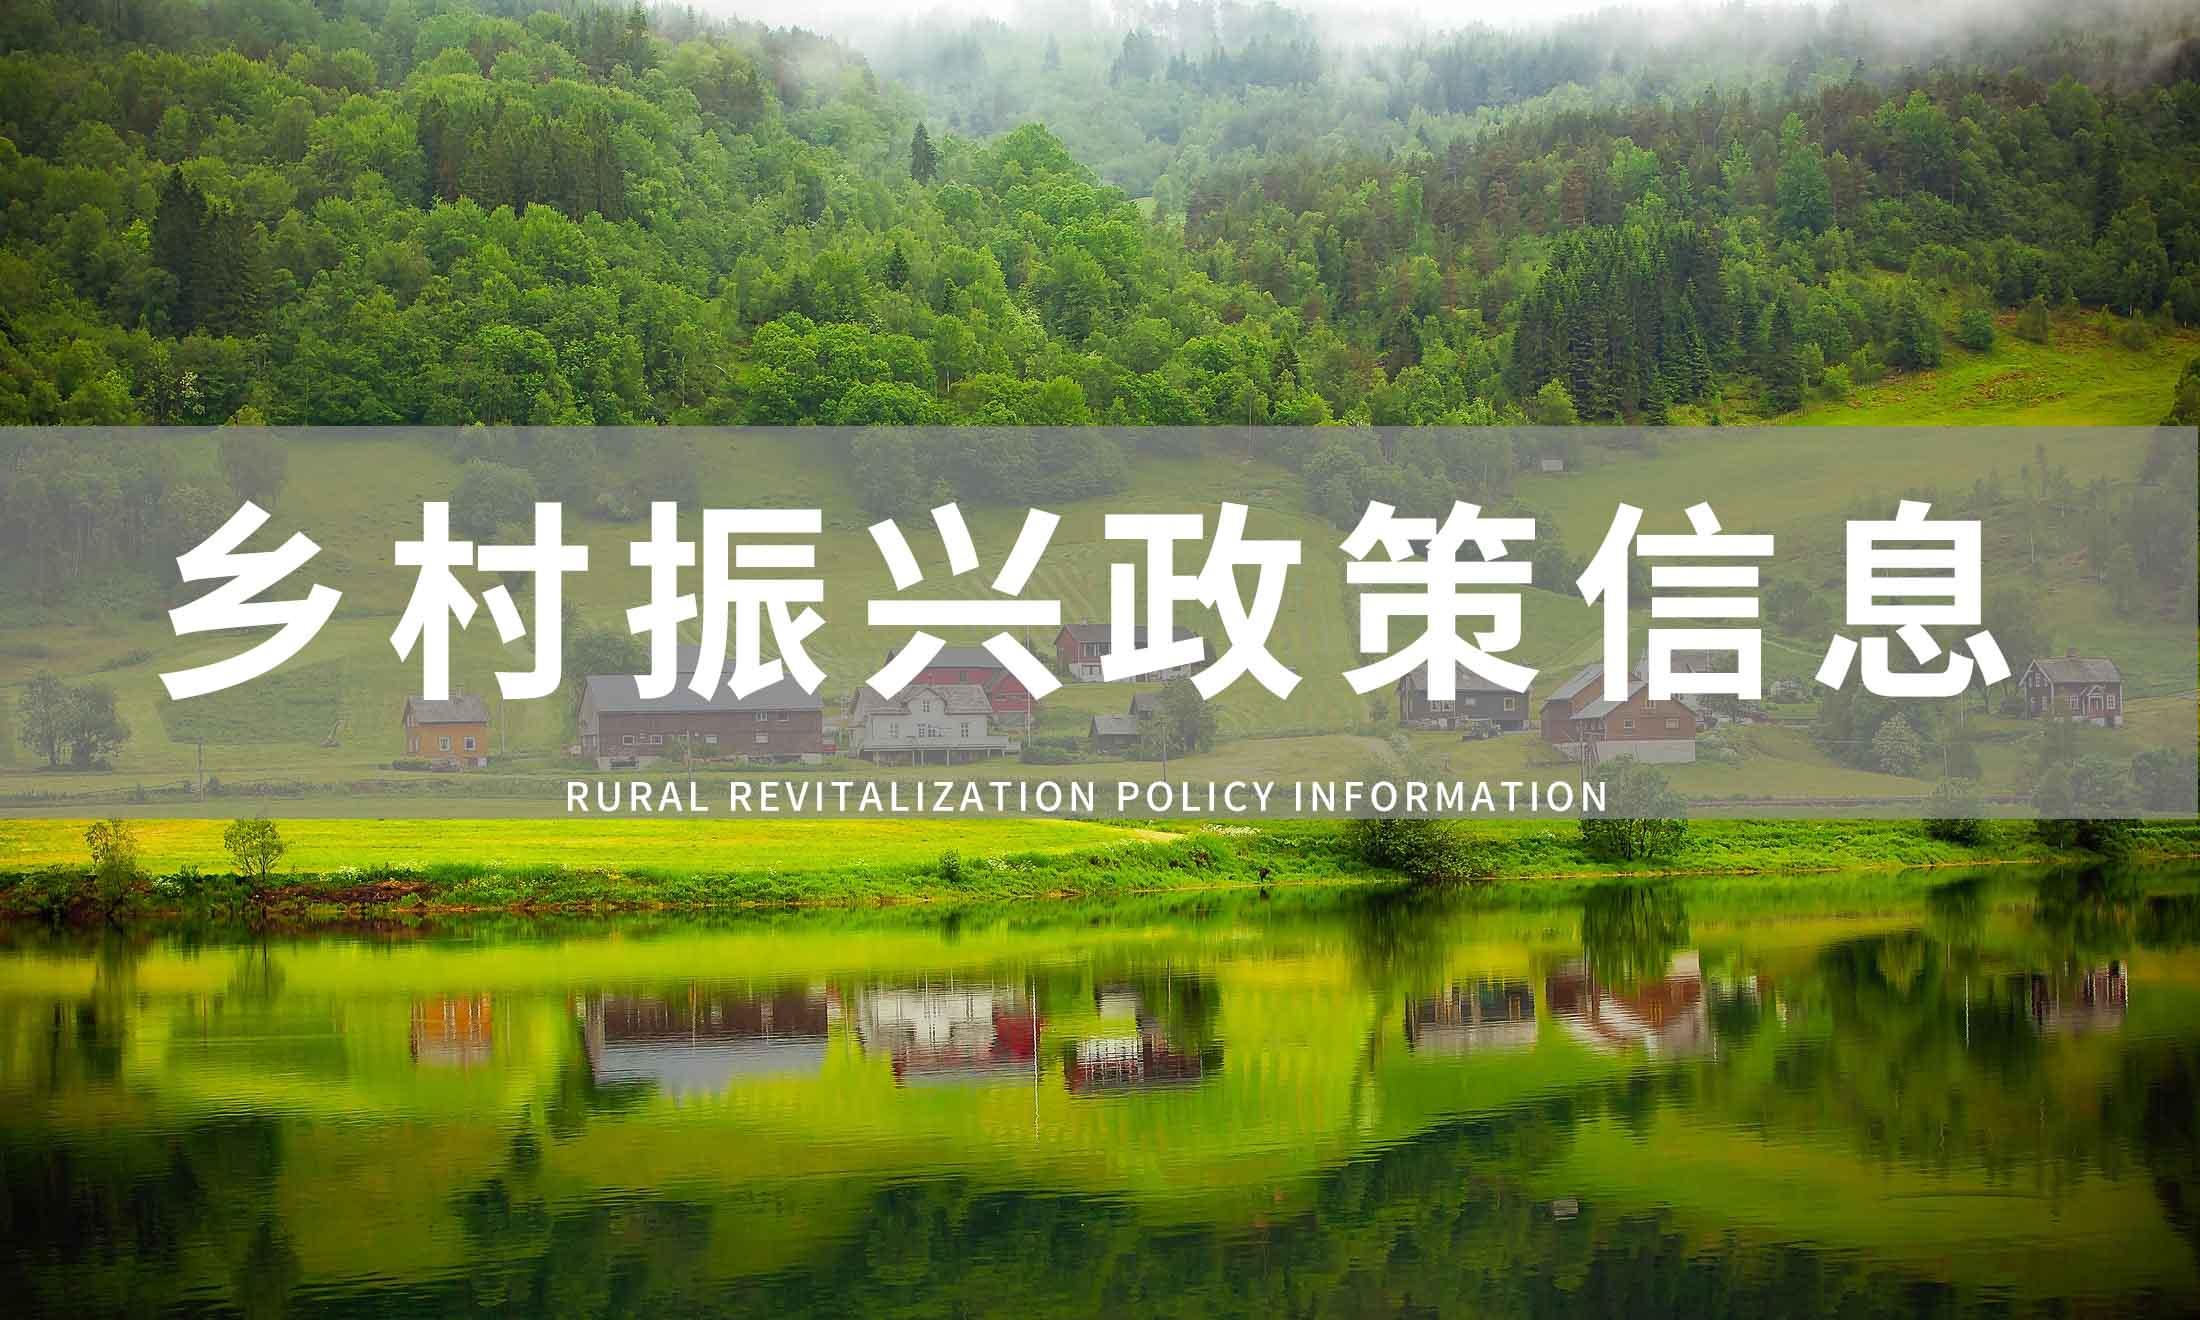 中共北京市委 北京市人民政府印发《关于全面推进乡村振兴加快农业农村现代化的实施方案》的通知